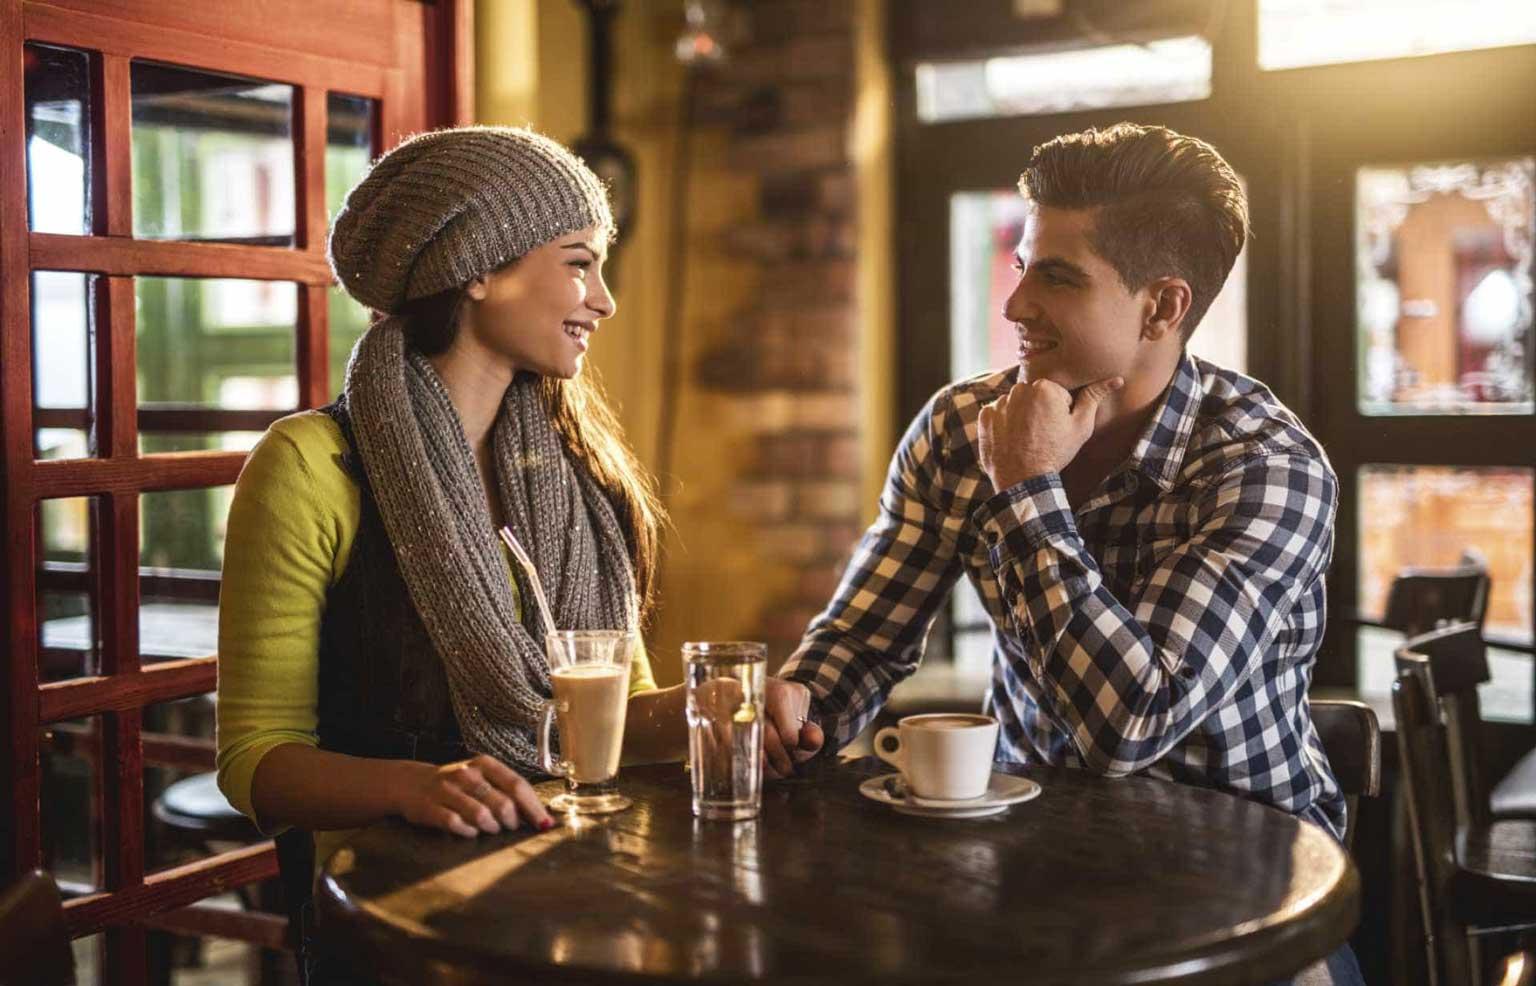 cosa parlare con una ragazza dating onlineAFSP profilo di incontri